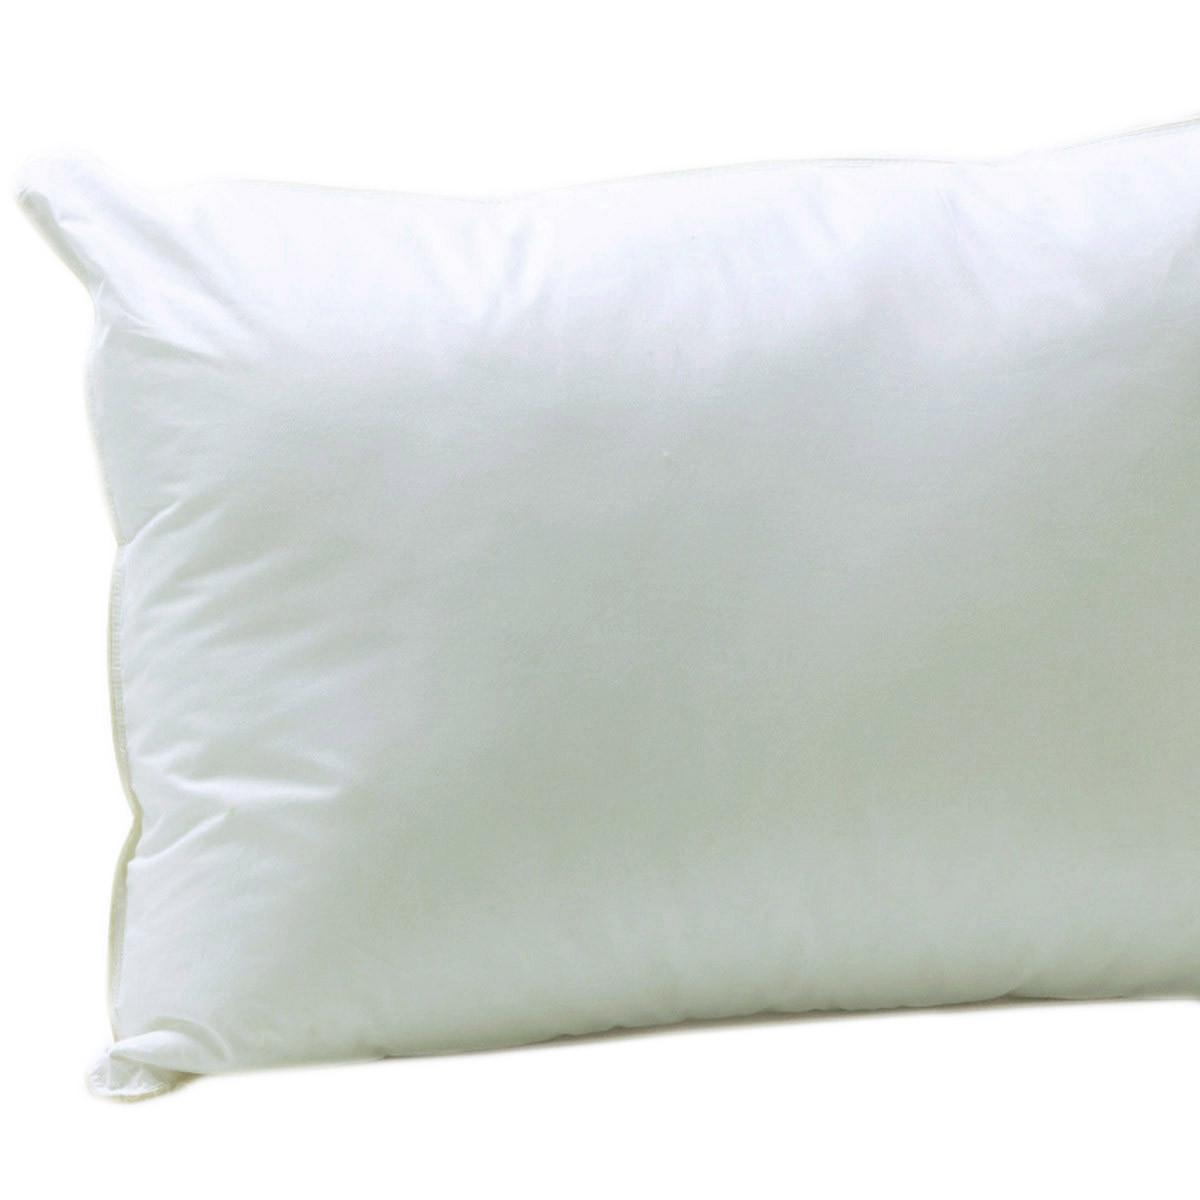 Μαξιλάρι Ύπνου Palamaiki Soft Down home   κρεβατοκάμαρα   μαξιλάρια   μαξιλάρια ύπνου